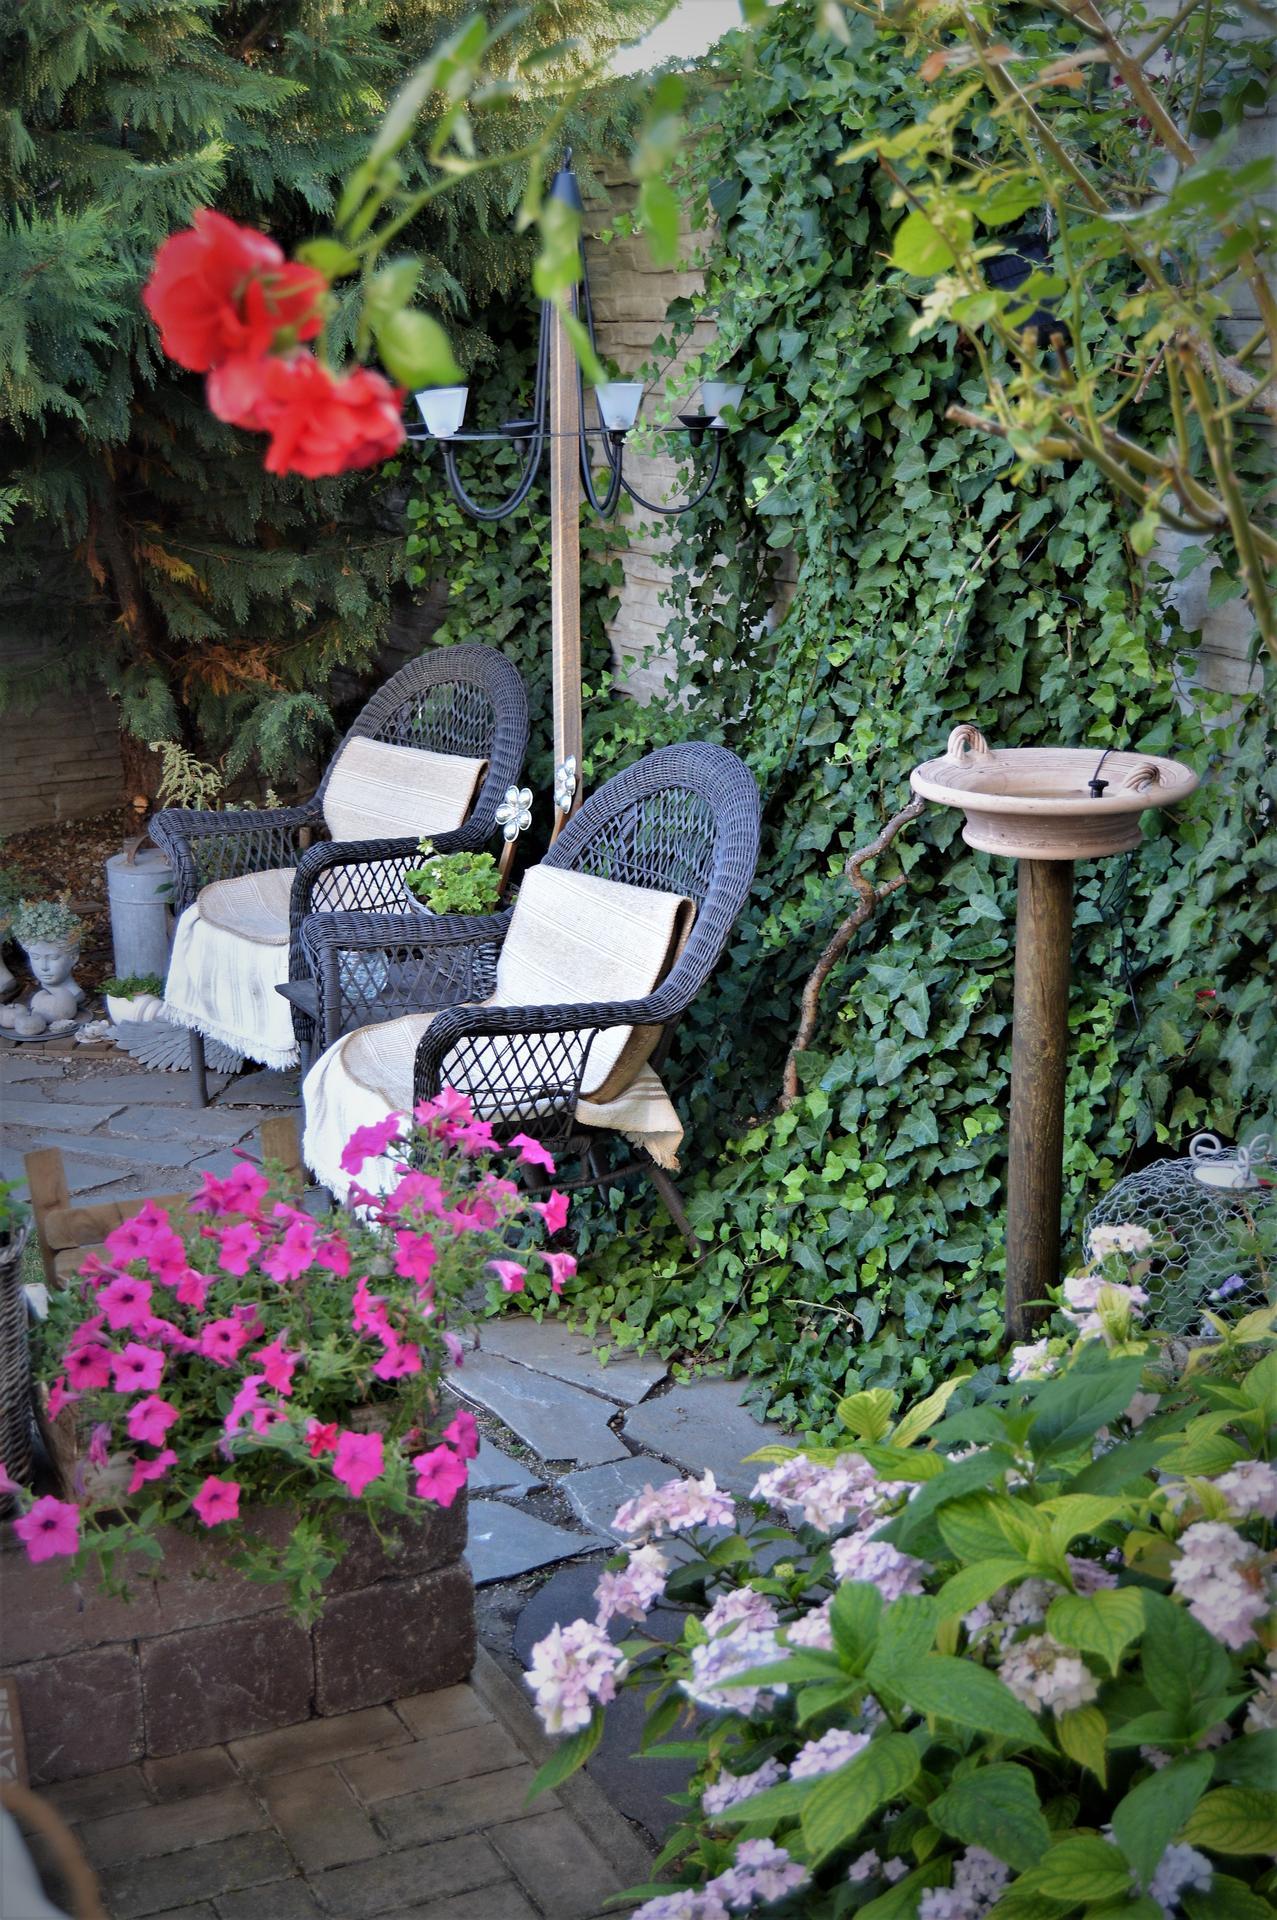 Terasa a záhrada 2020 - menšie a väčšie premeny - Obrázok č. 93